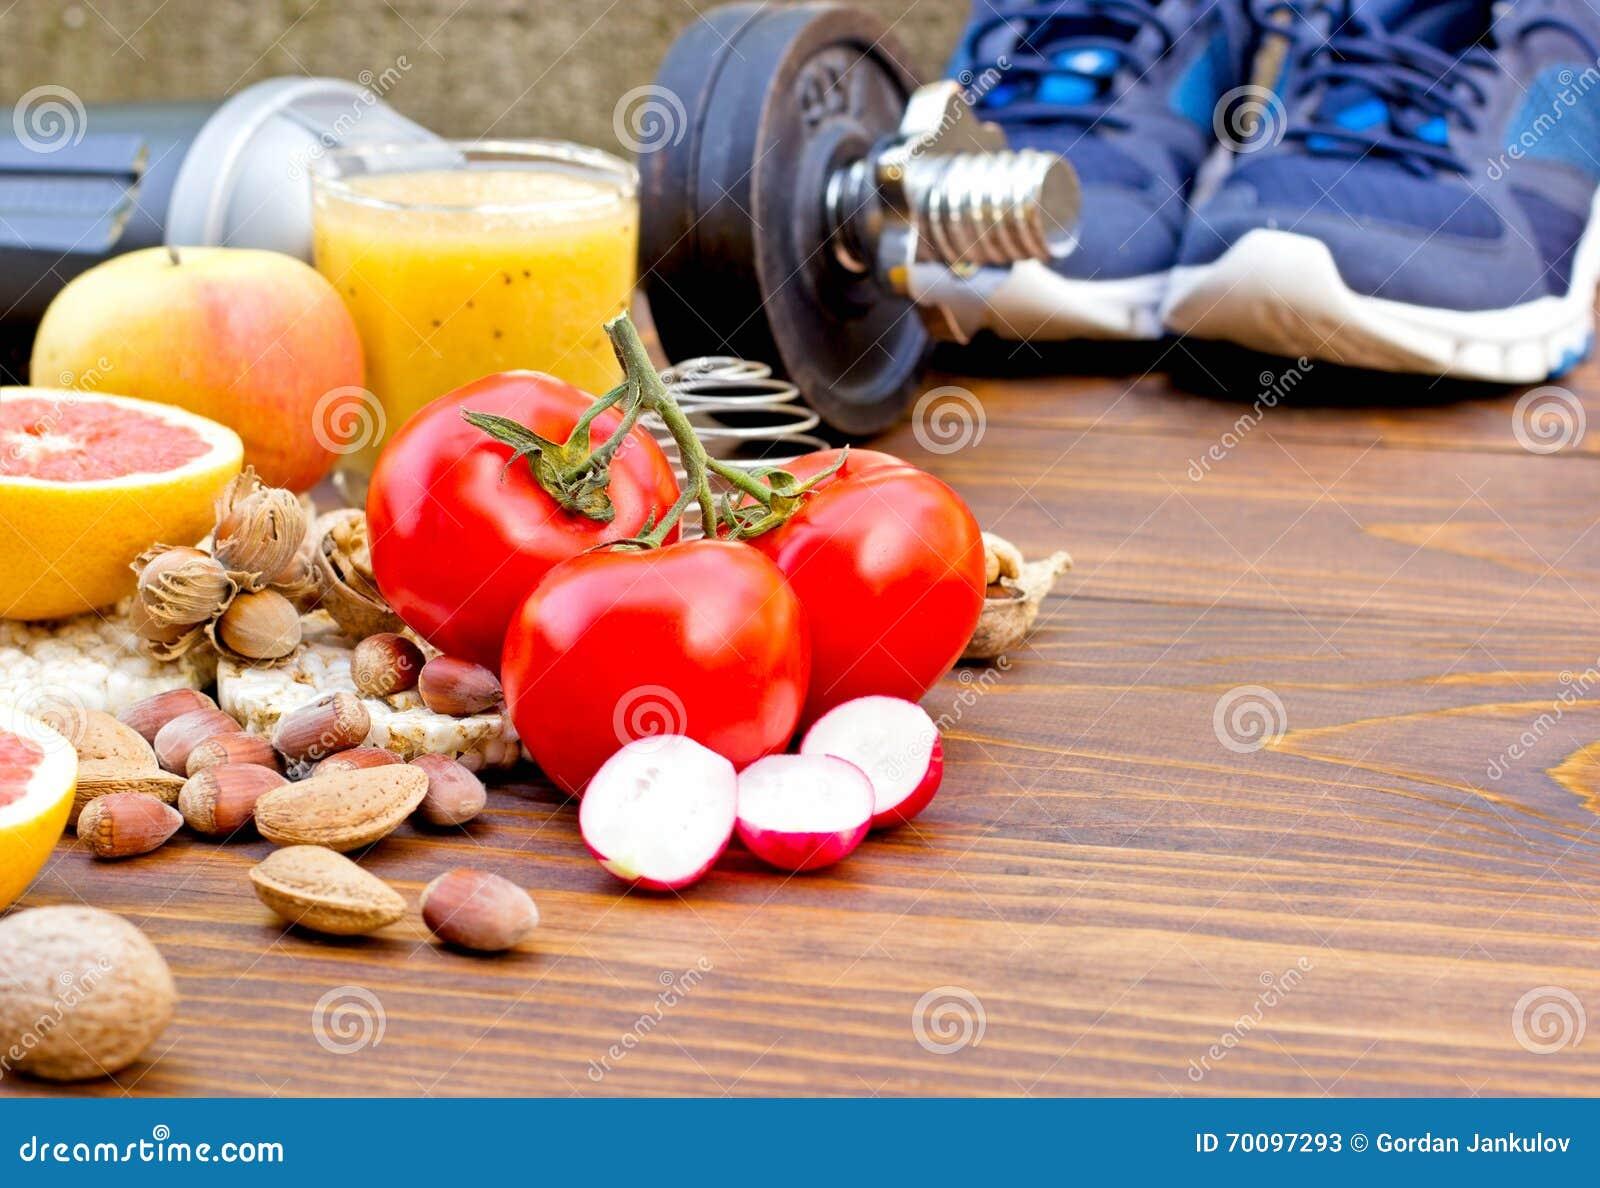 Υγιεινές διατροφή και αθλητική δραστηριότητα σε μια υγιή ζωή